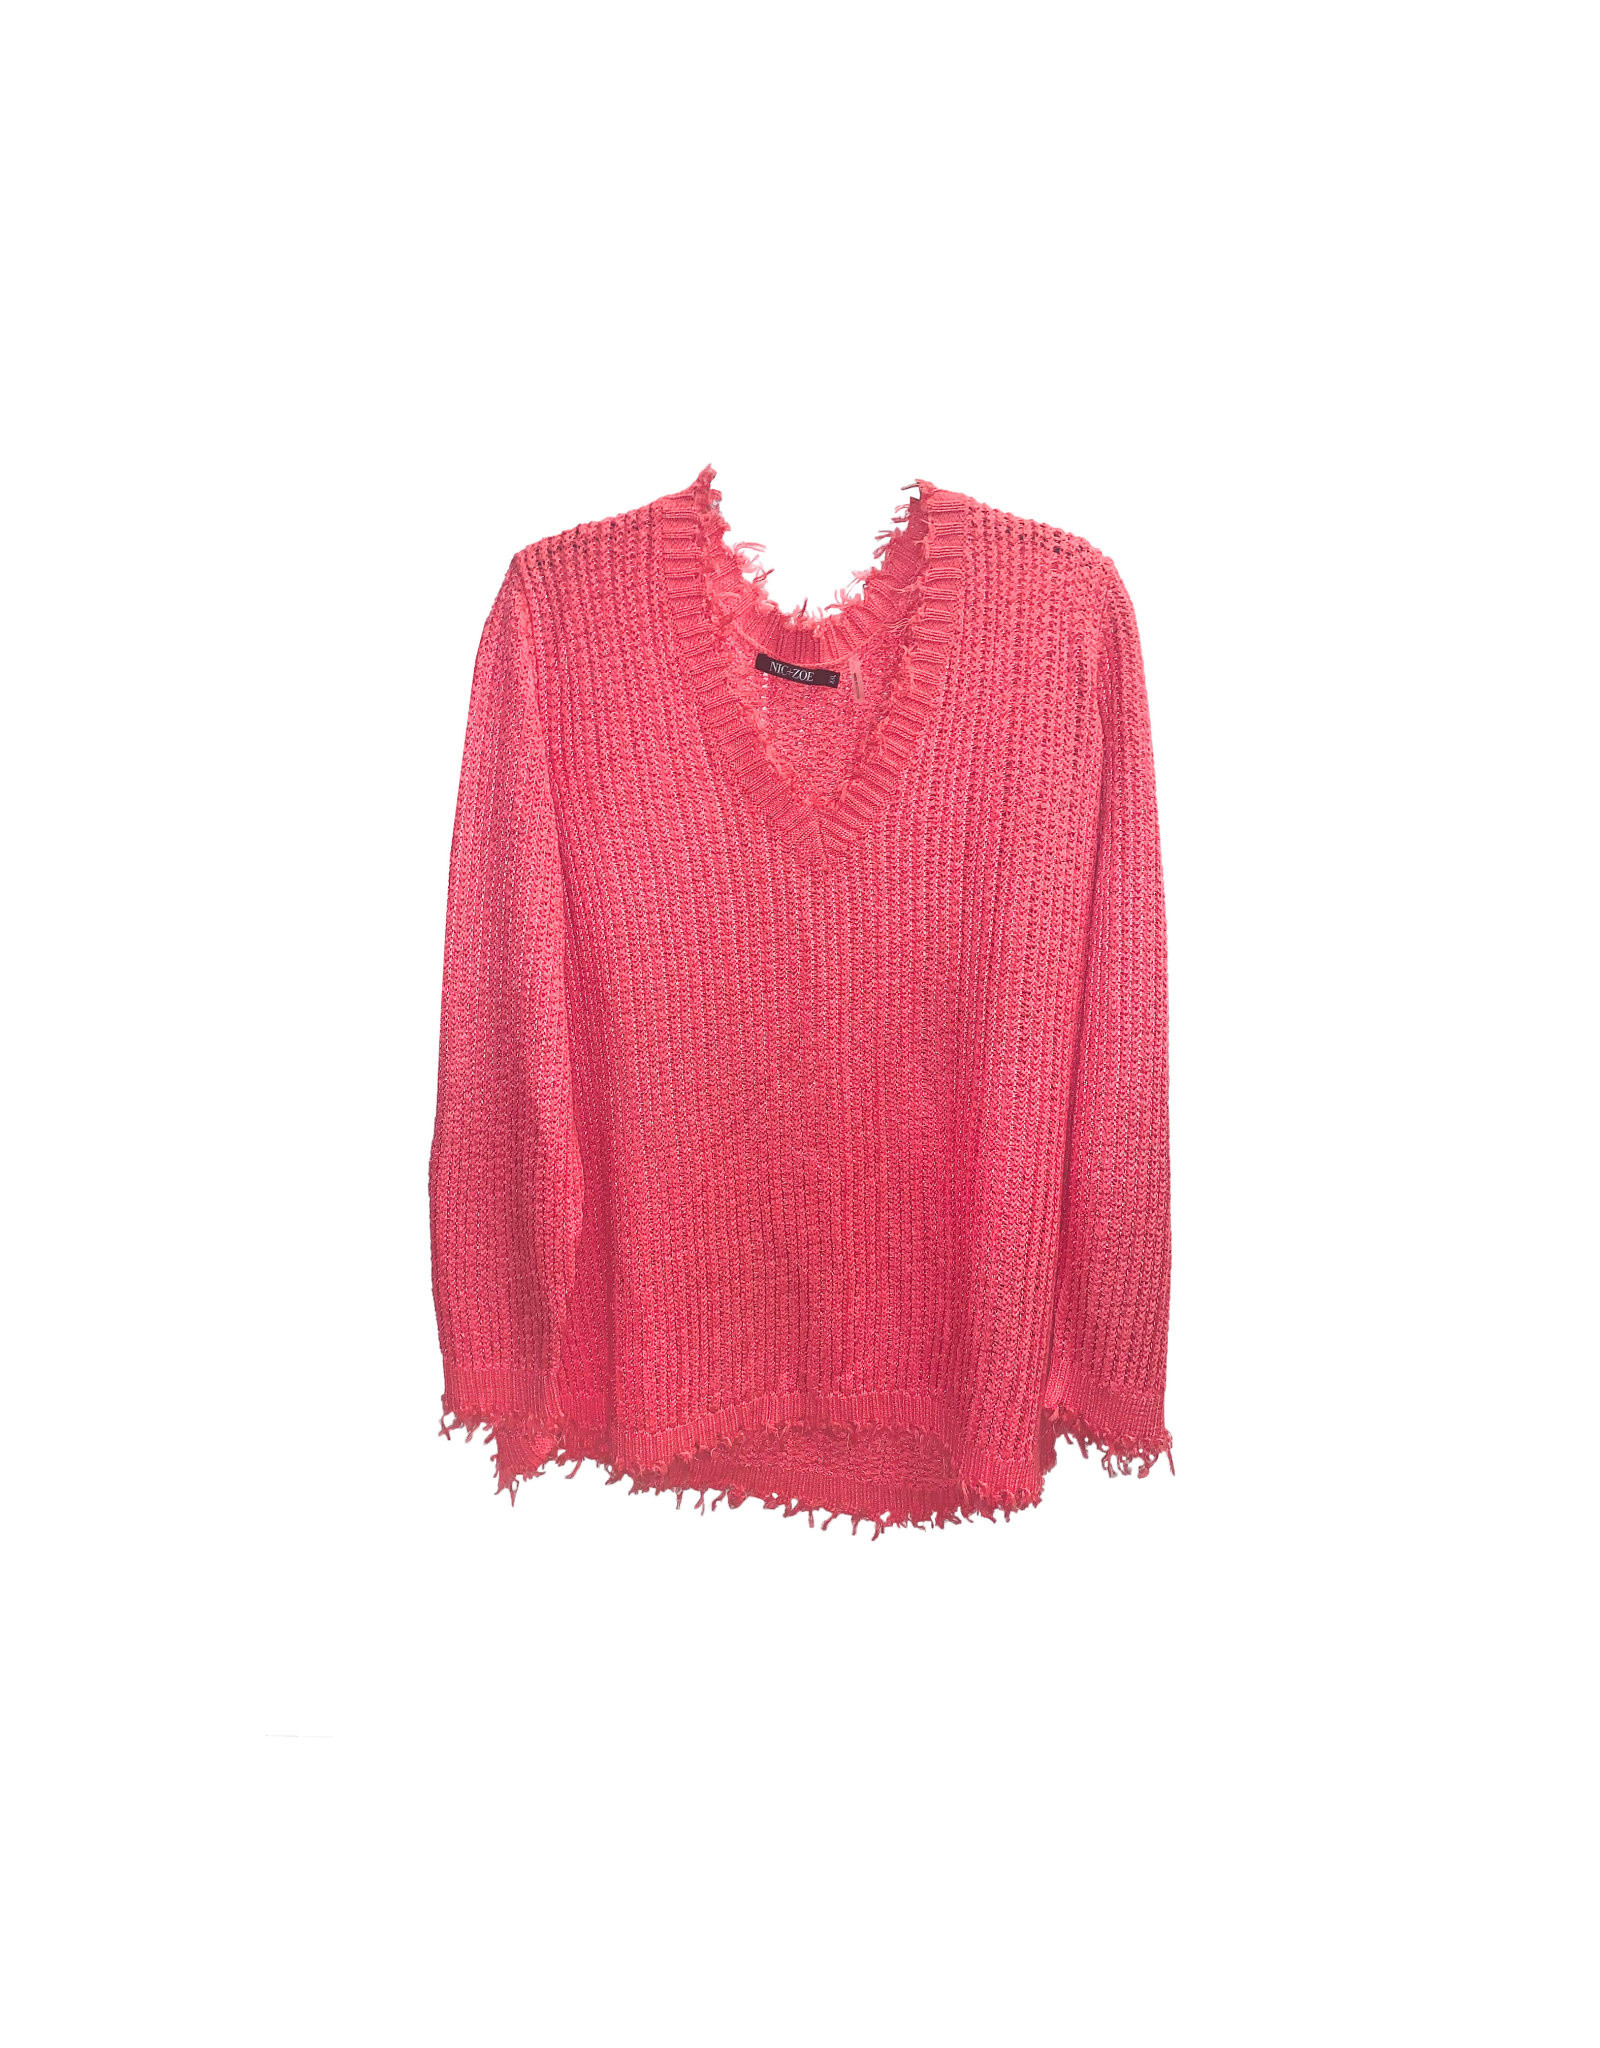 Nc+Zoe Nic+Zoe Sweaters  SizeXXL